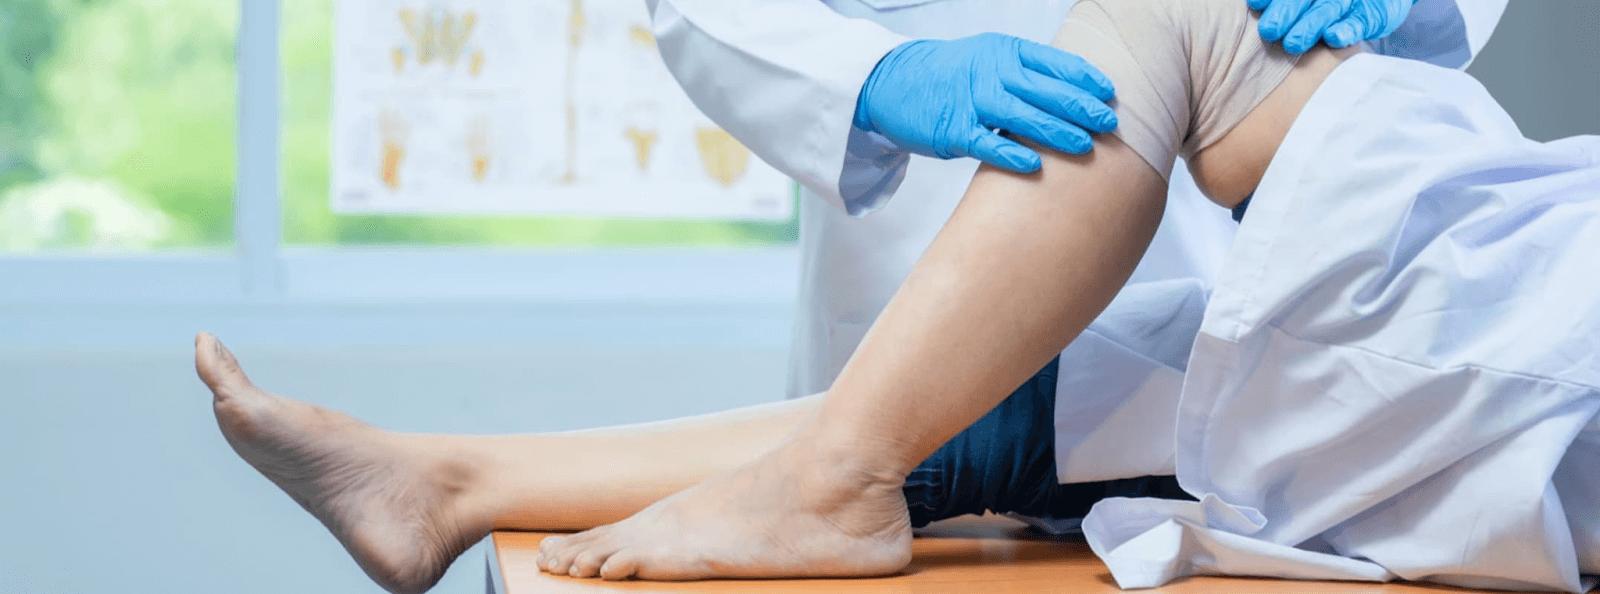 Quando e por que procurar um ortopedista especialista em joelho?